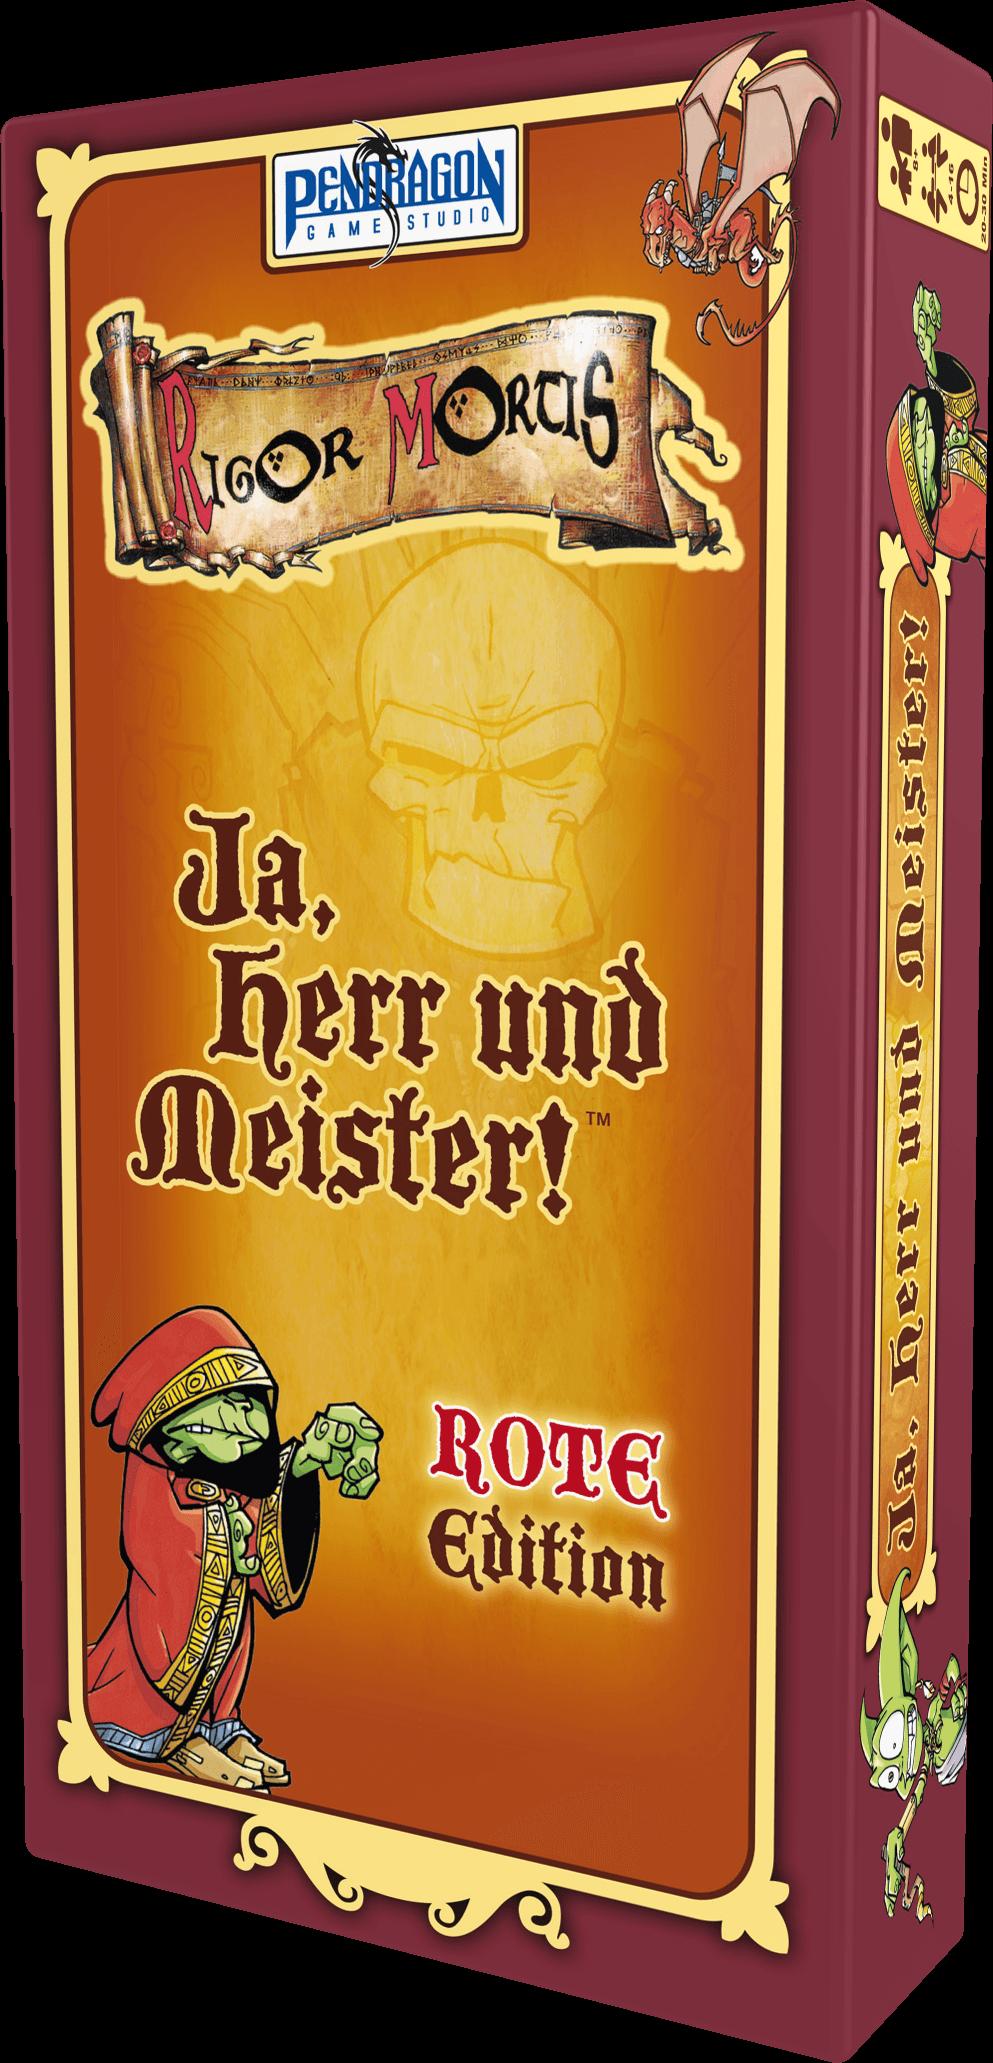 ja herr und meister - rote edition box